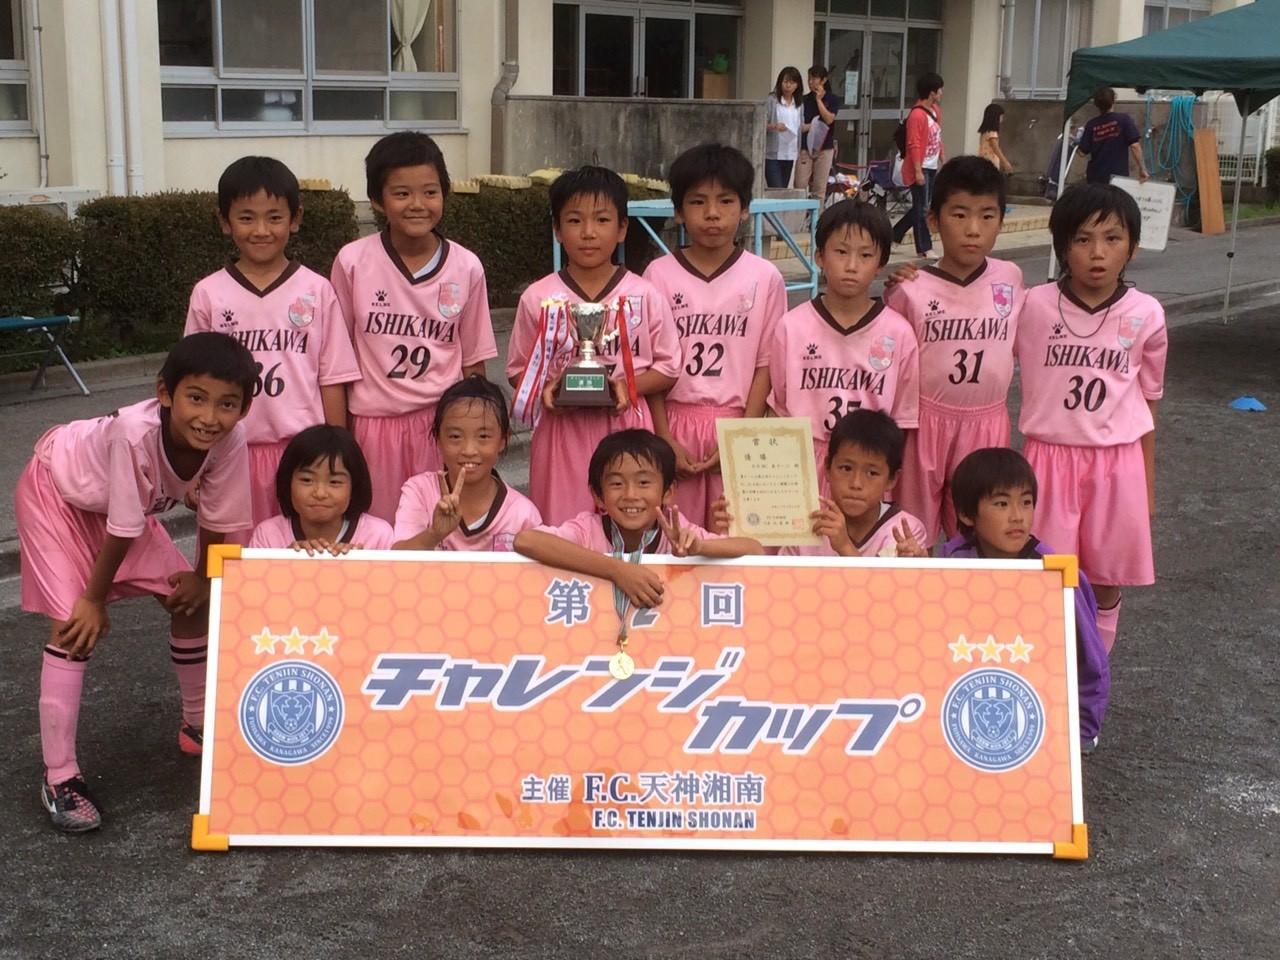 2015年9月26日 Eチーム FC湘南天神チャレンジカップ 優勝